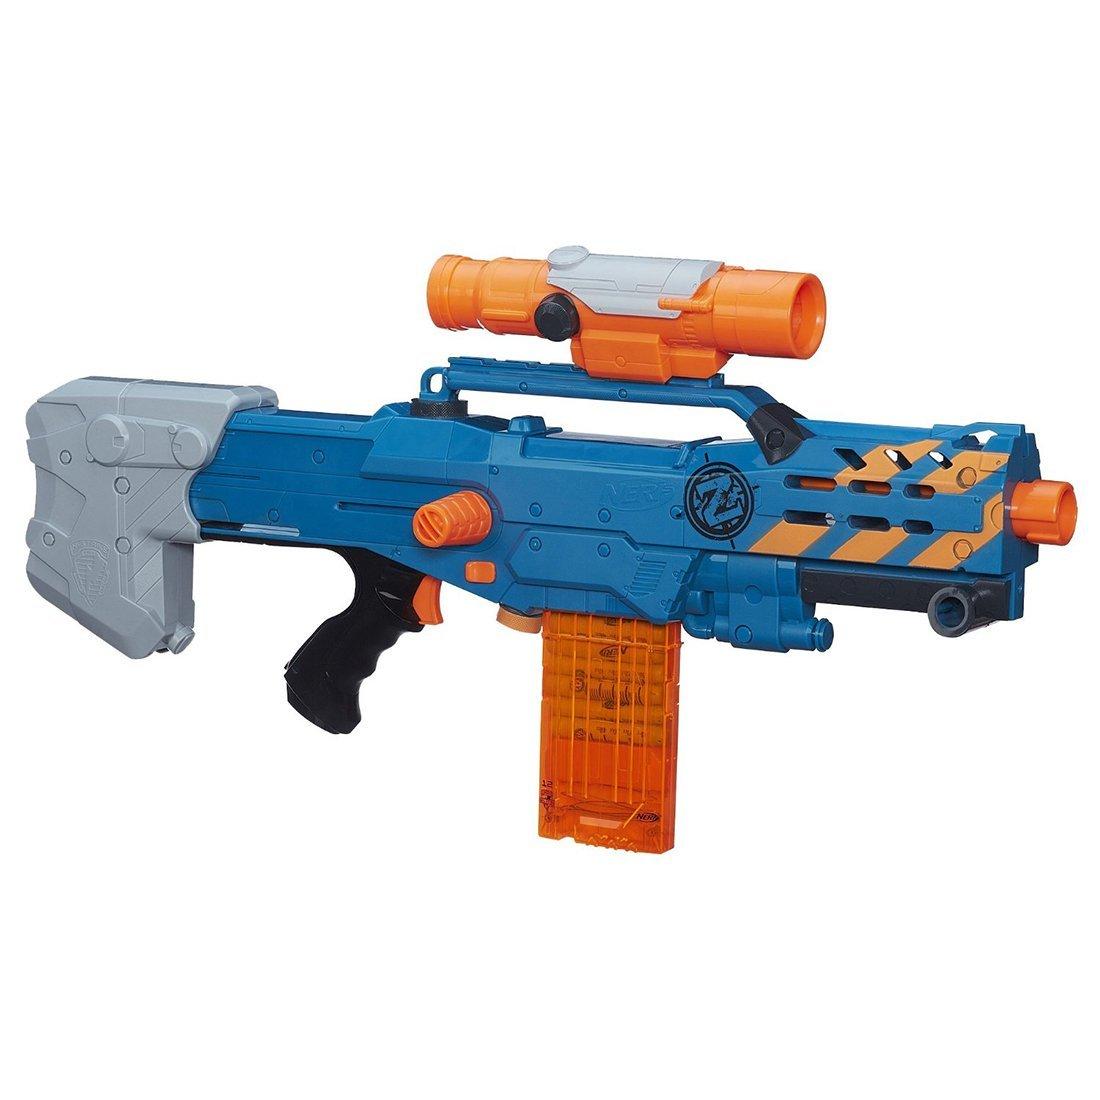 Nerf Zombie Strike ZED Squad Longshot CS-12 Blaster - $15 w/ free store pickup or fs with SP